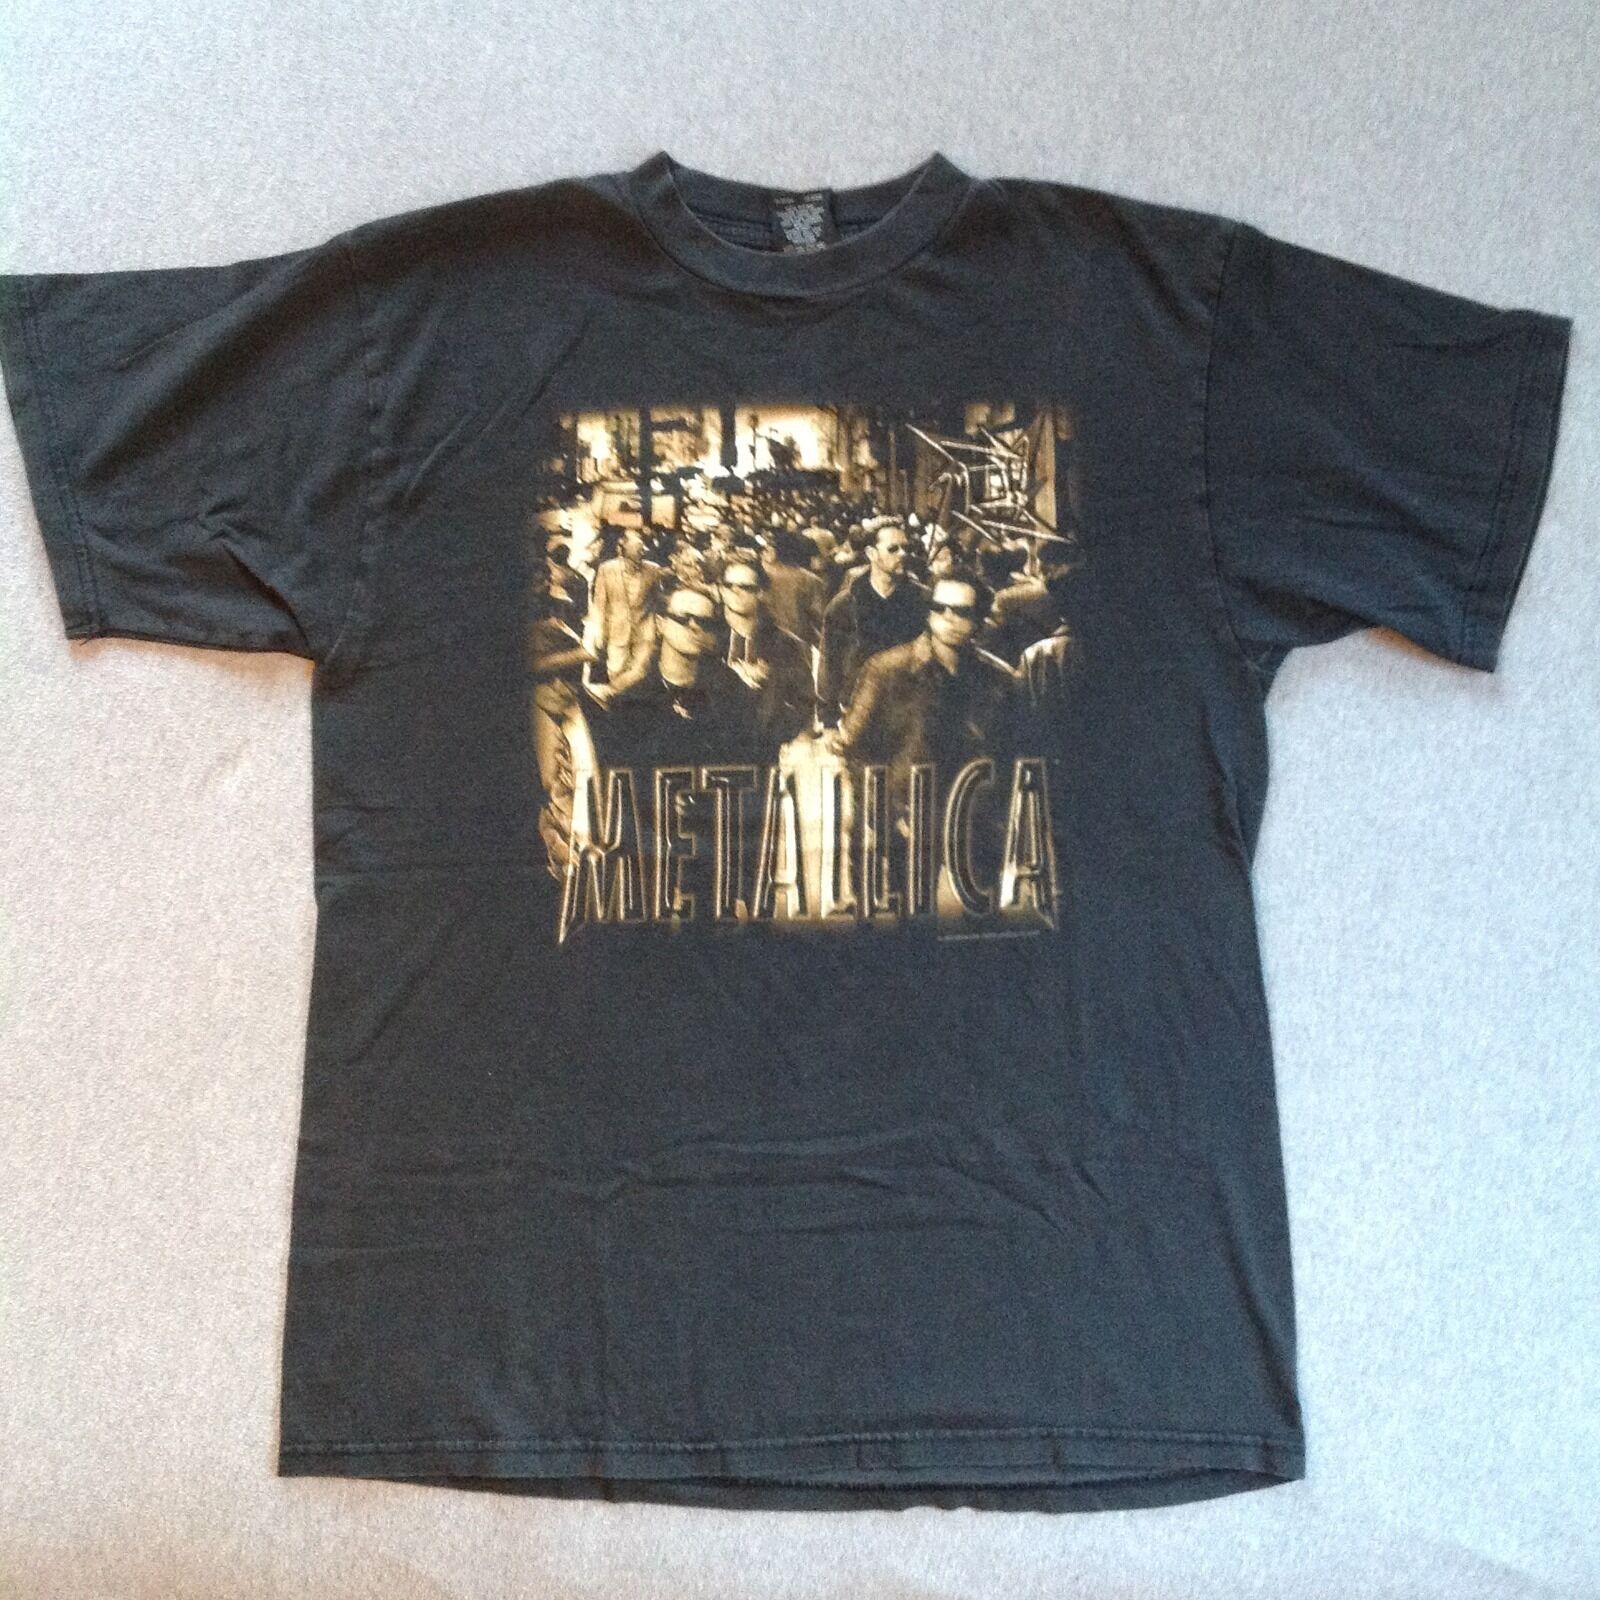 METALLICA vintage t shirt 1996 LOAD XL ORIGINAL 90s thrash metal tshirt